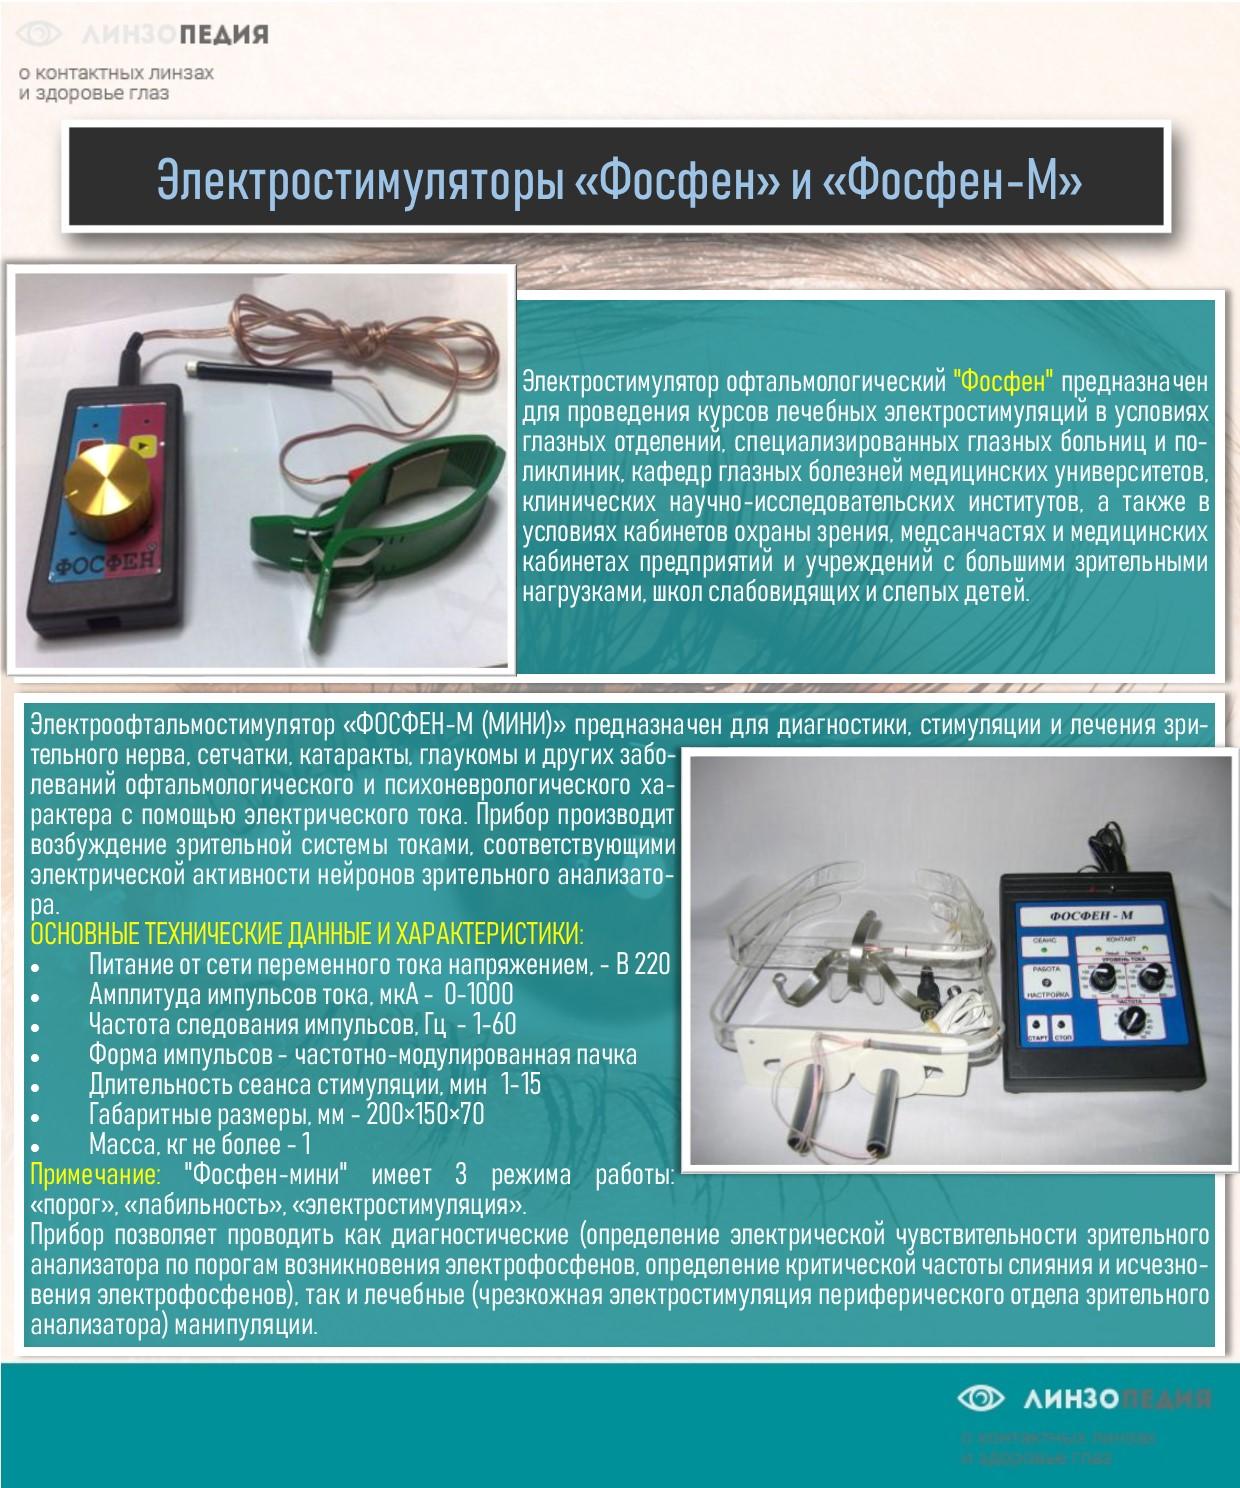 Электростимуляторы «Фосфен» и «Фосфен М»